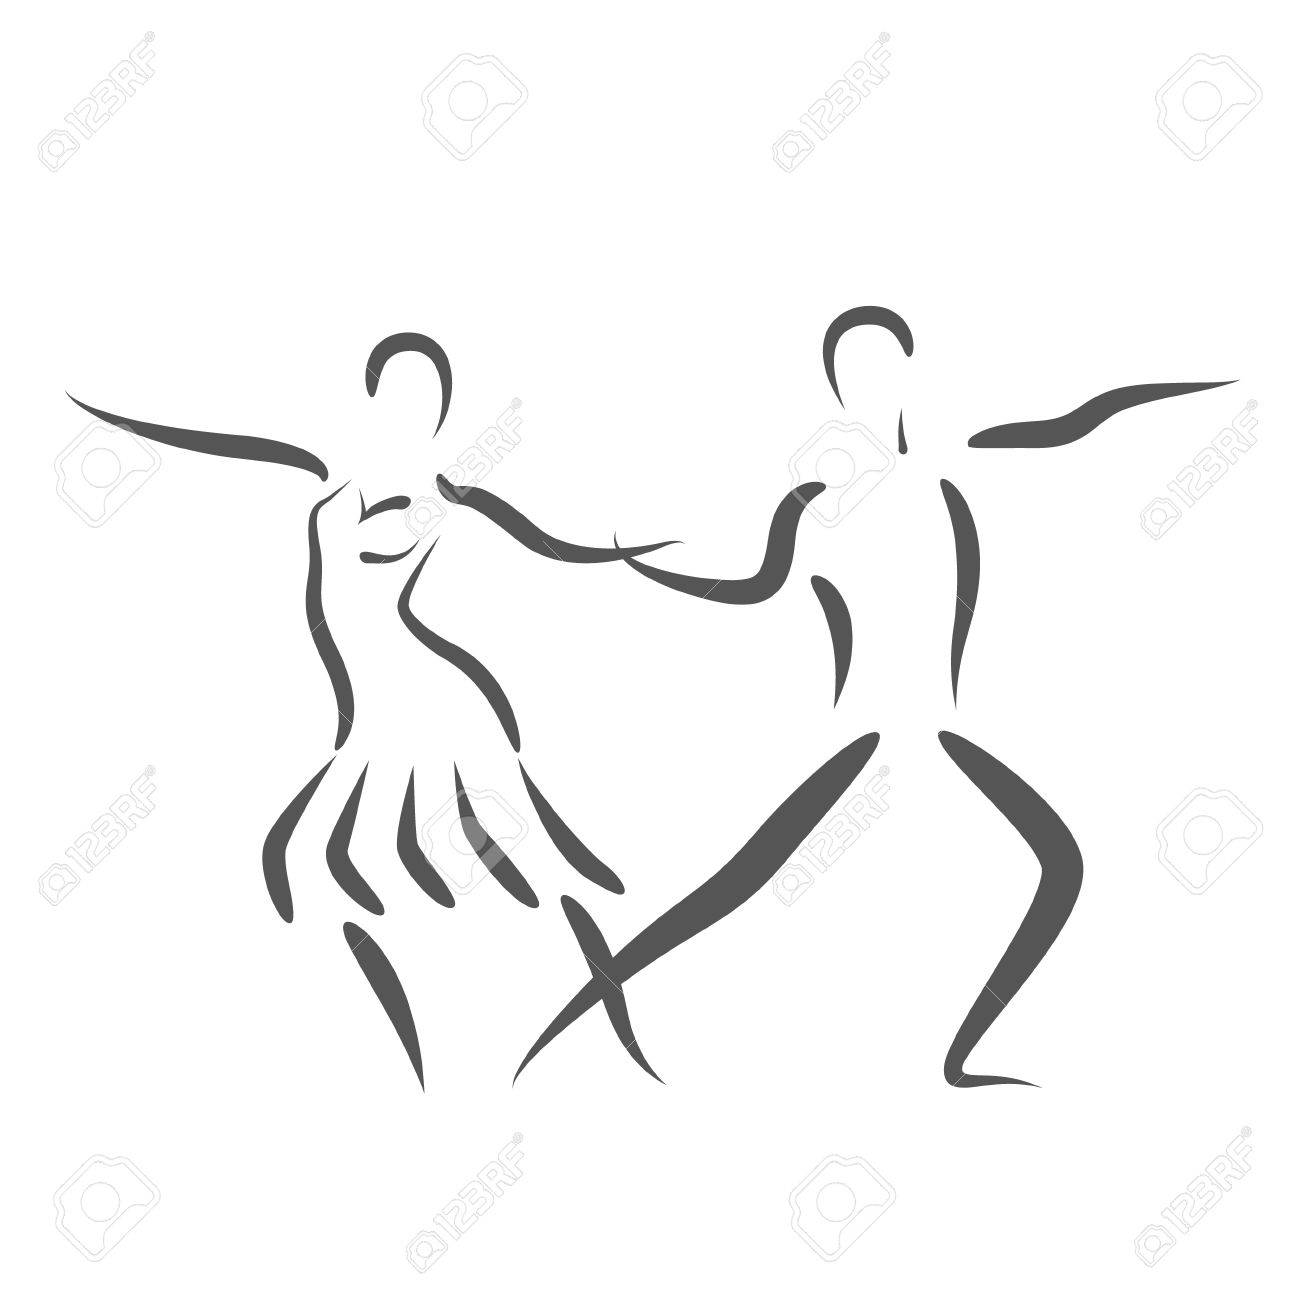 Tanzpaar-Logo Auf Weißem Hintergrund. Paar Silhouette Tanzen. Tänzer ...